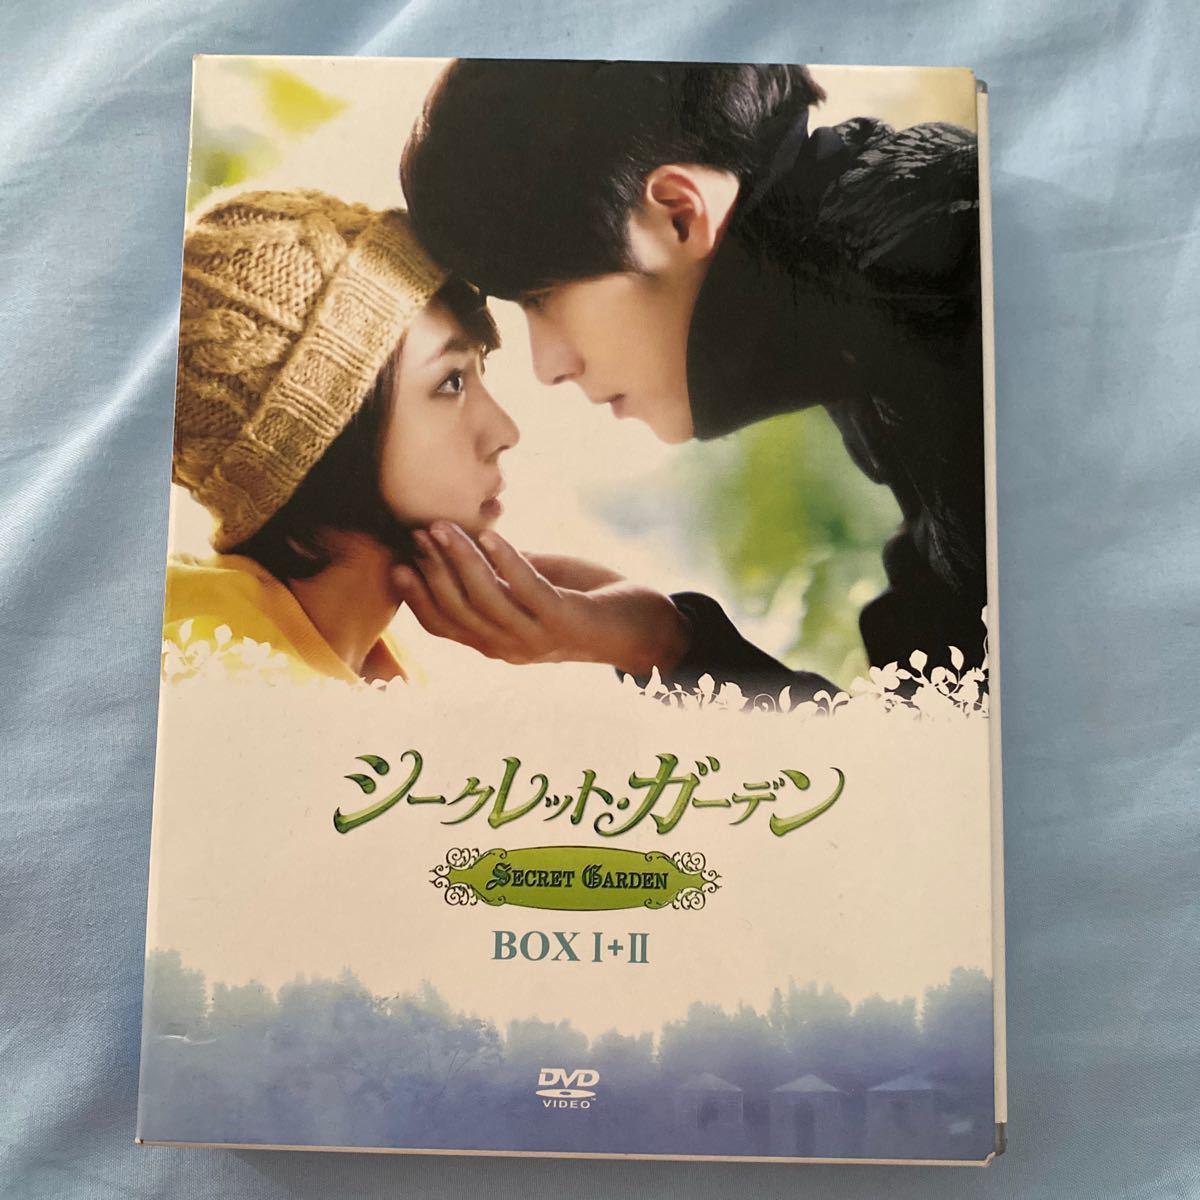 土日祝限定値下げ 韓国ドラマ DVD 全話 シークレットガーデン